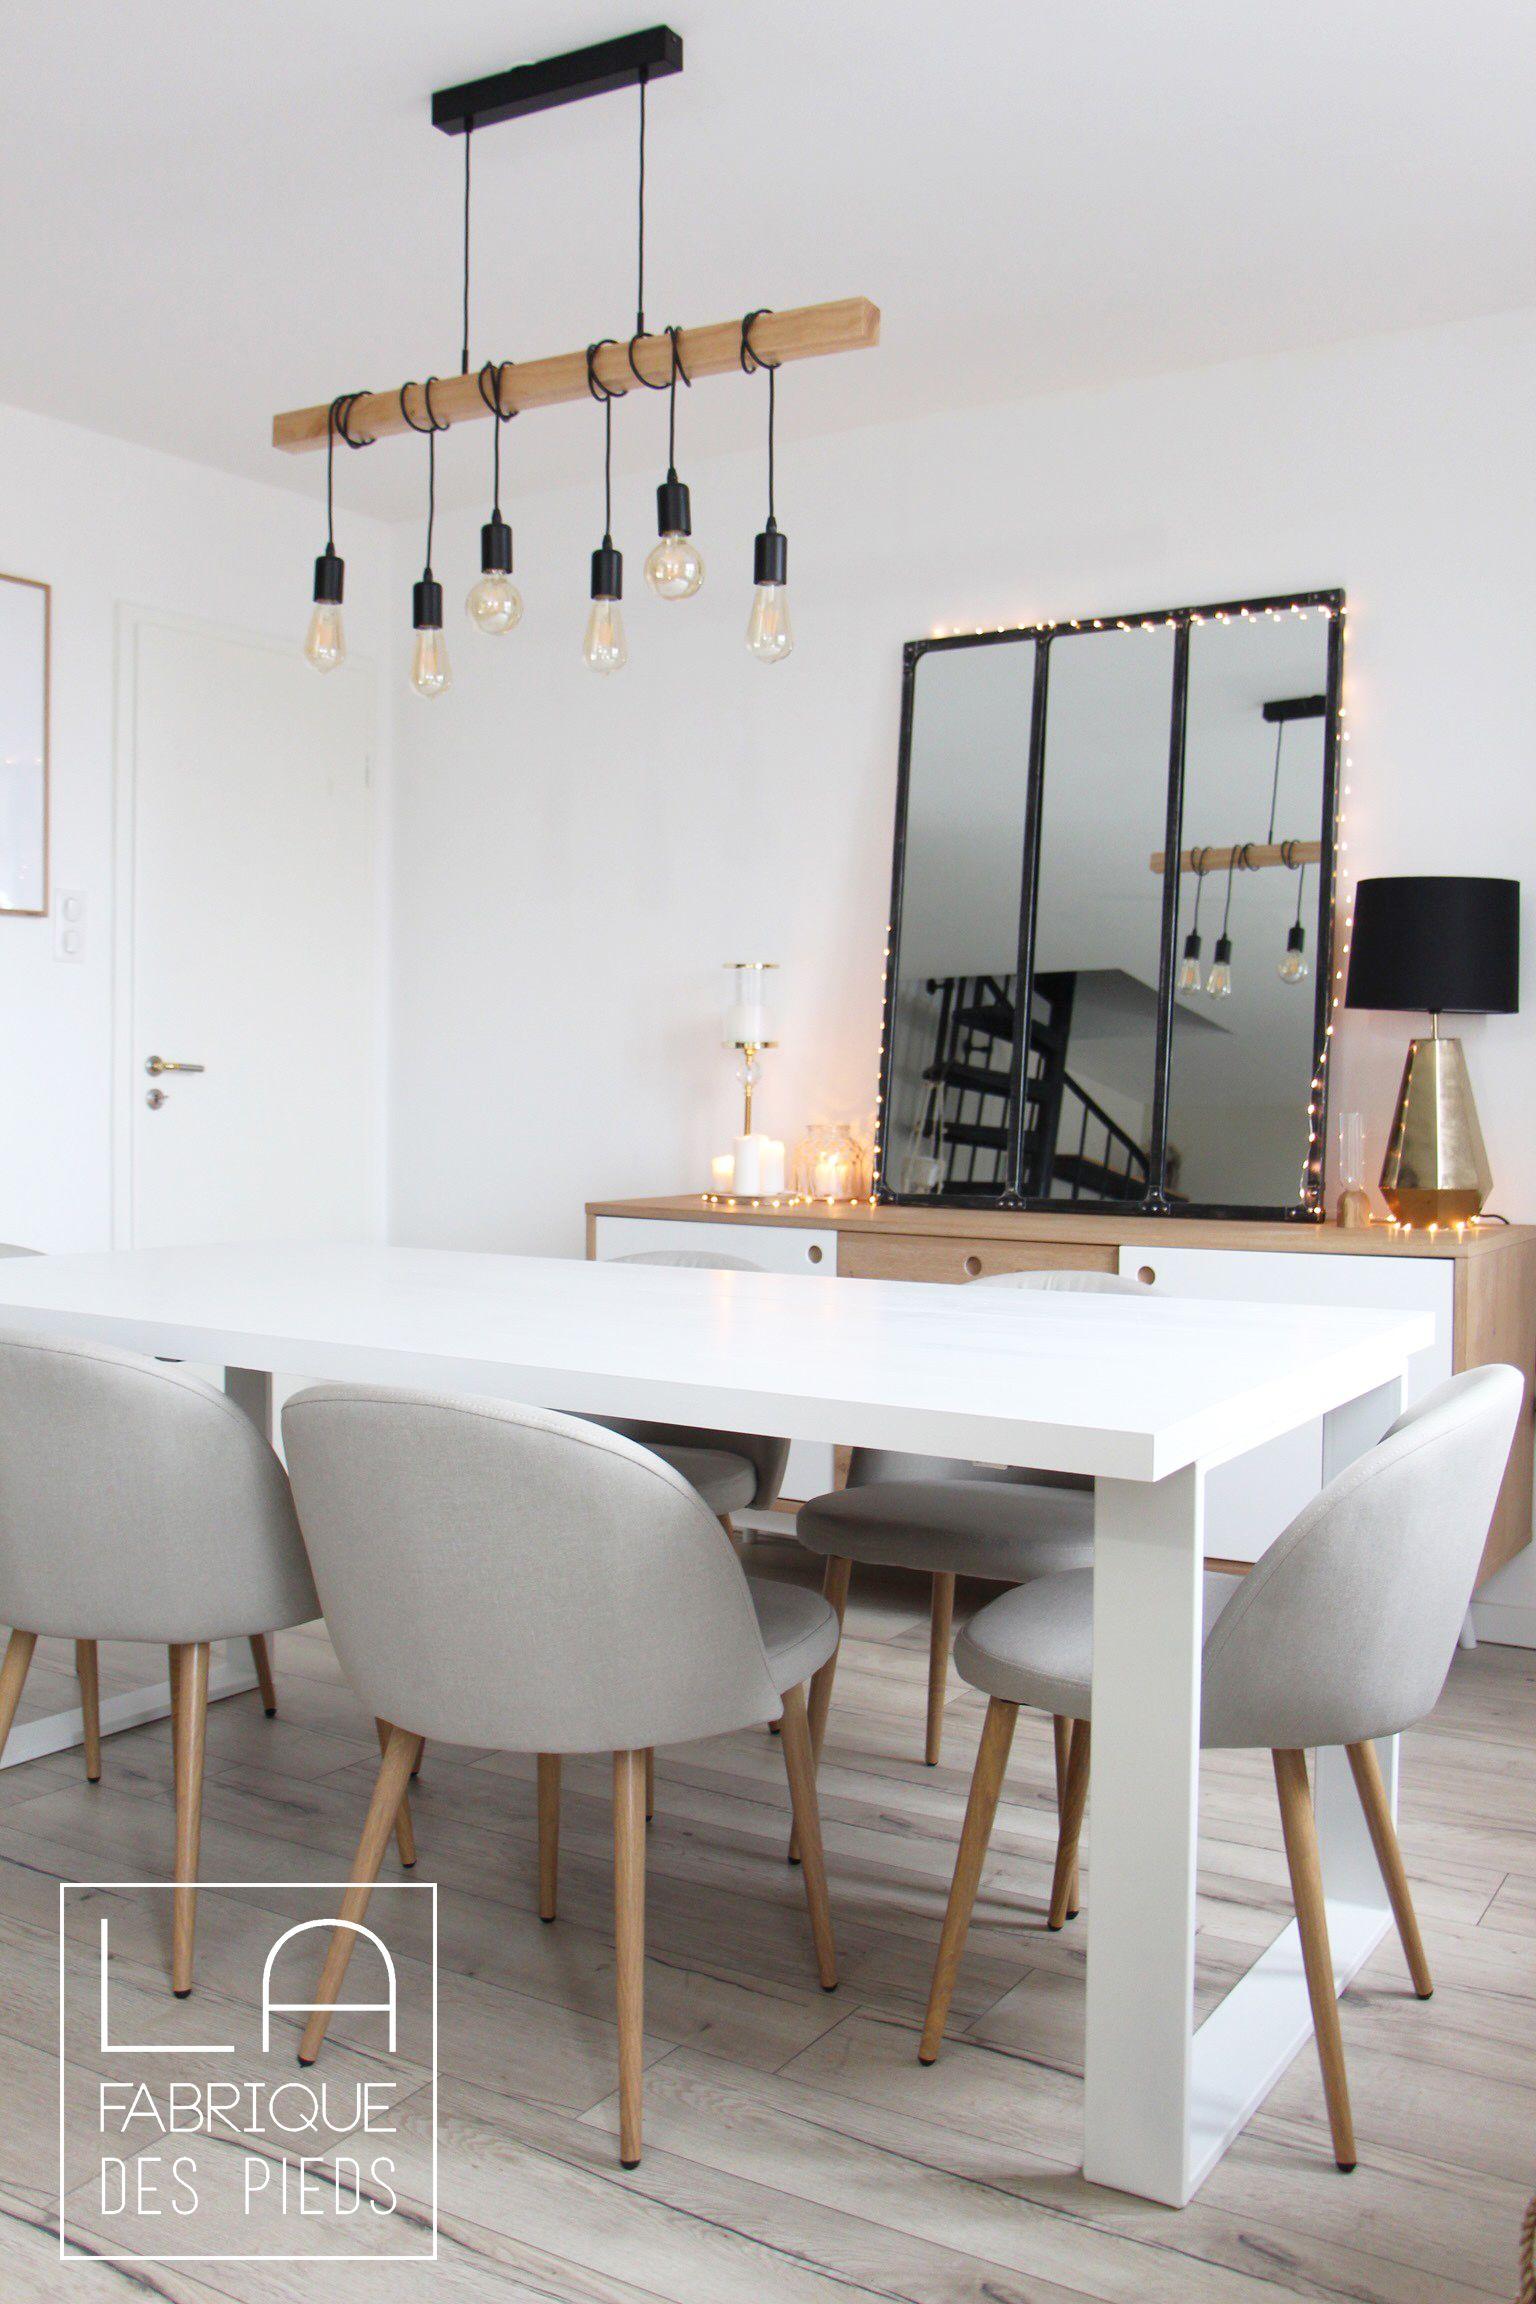 Pied Fer plat Epais 71 cm en 2020 | Idée salle à manger, Table salle à manger et Table à manger